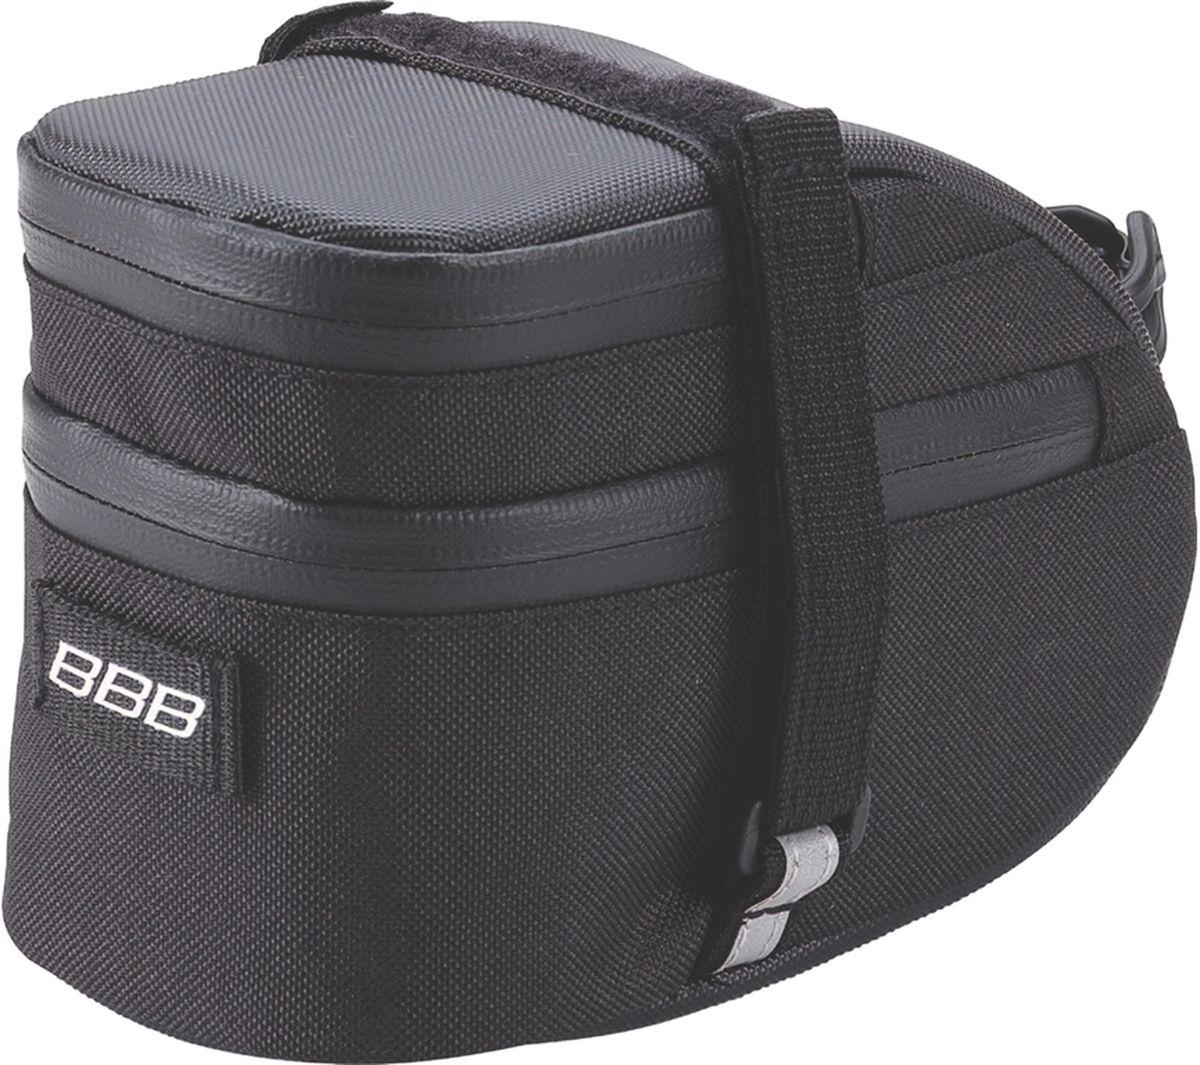 Велосумка под седло BBB EasyPack, цвет: черный. Размер LBSB-31LТехнологичная подседельная сумка в линейке - применяются лучшие материалы и новейшие технологии. Синяя подкладка для лучшей видимости содержимого. Эластичный ремешок и карман для простоты организации содержимого вашей сумочки . Водонепроницаемая молния с фиксатором для дополнительной безопасности и абсолютно бесшумная при езде. Крепление для заднего габарита-LED фонарика. Черная светоотражающая полоска для лучшей видимости. Двойная застежка на липучке для простой и быстрой установки/снятия. Резиновый ремешок крепления к подседельному штырю для надёжной фиксации сумочки и во избежание повреждений лайкровых шорт и подседельного штыря. Большая сумка(L) разделена на два отсека. Верхний отсек отлично подходит для хранения кошелька, ключей, или документов. L (750см3)